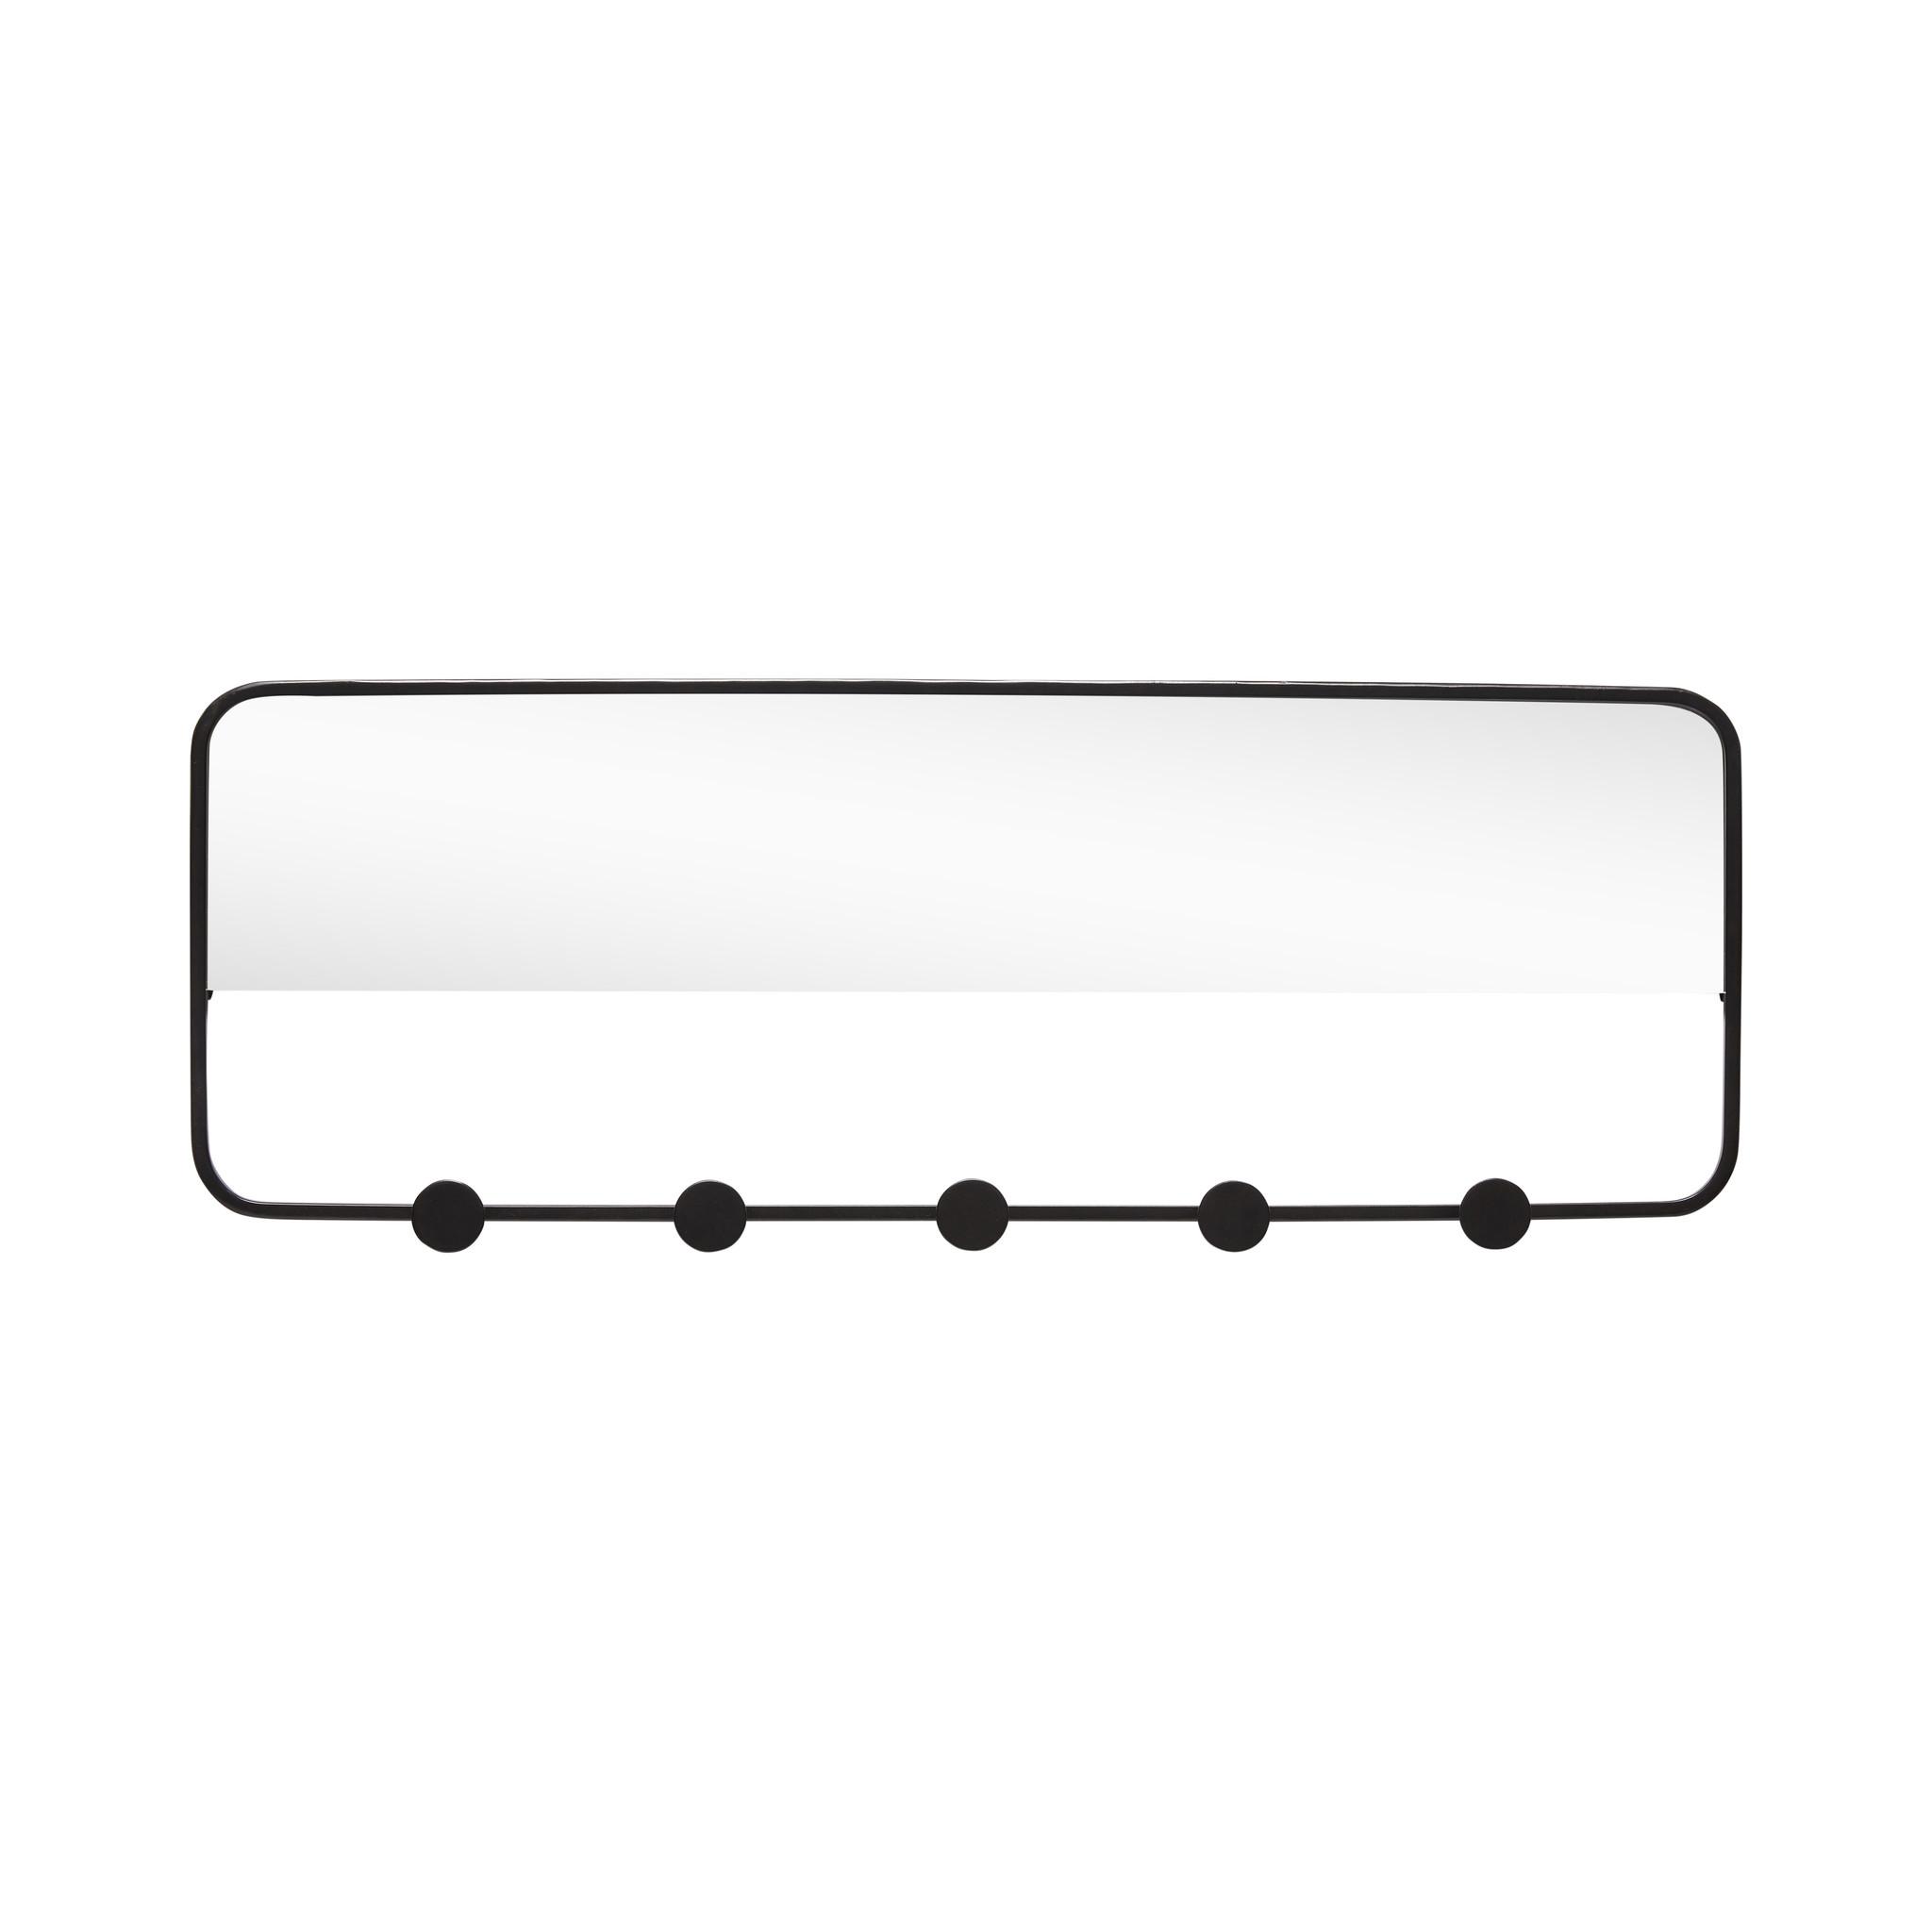 Hubsch Kapstok met spiegel, 5 haken, metaal, zwart-940620-5712772063521